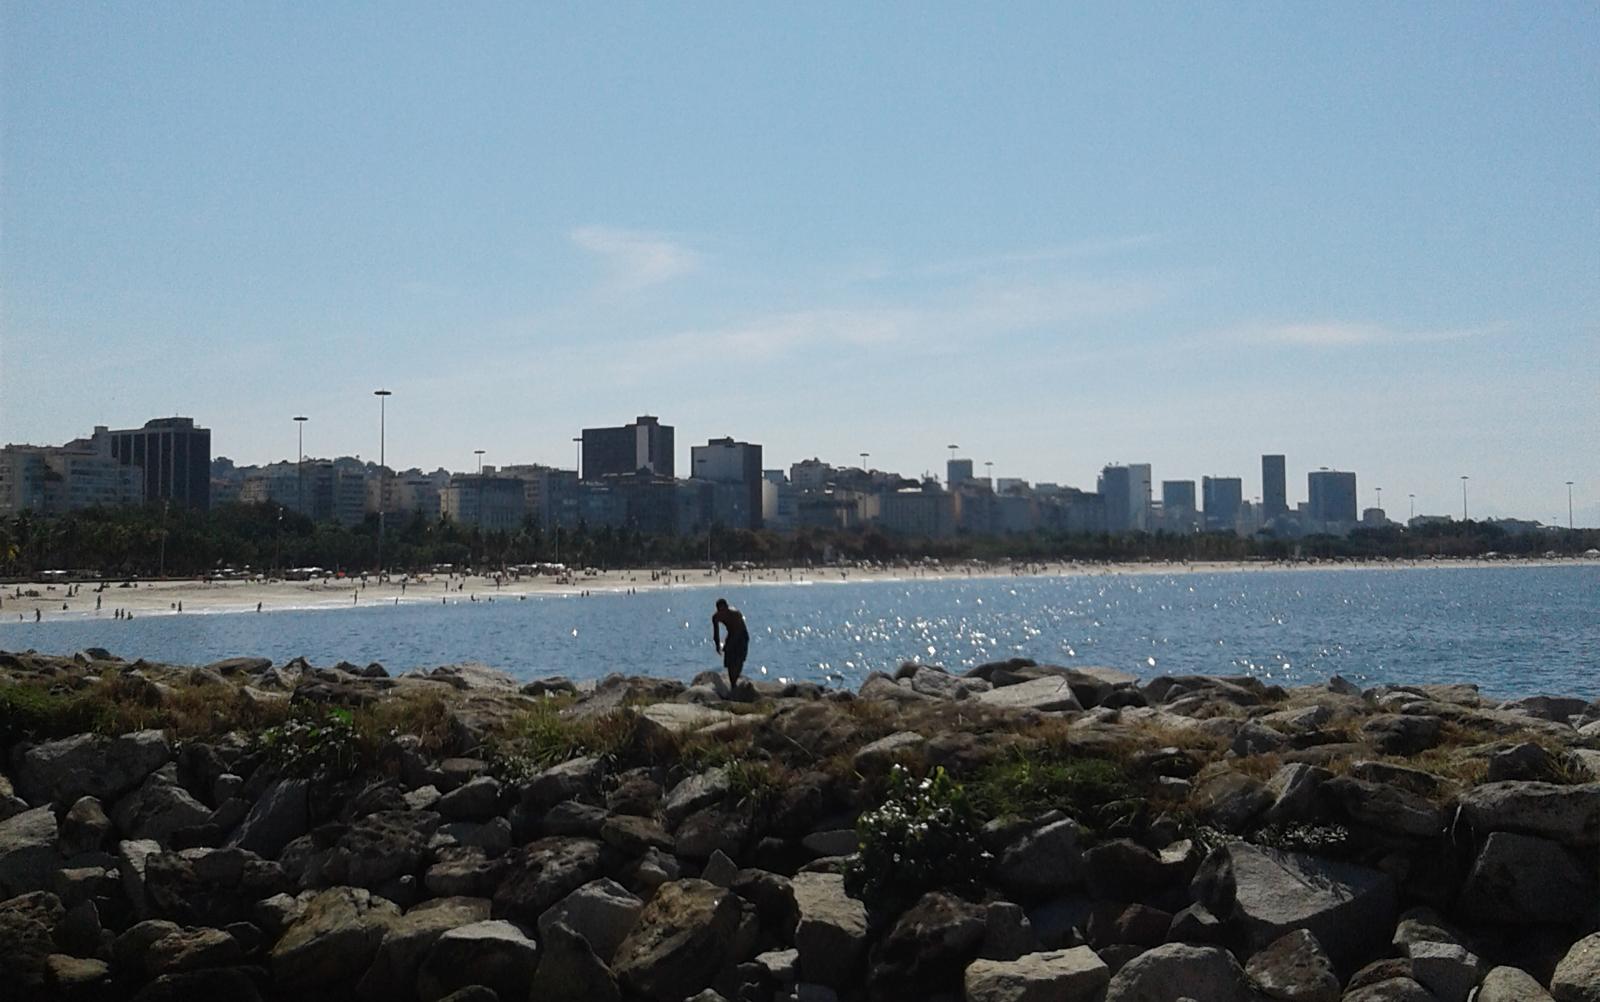 praia-do-flamengo-rio